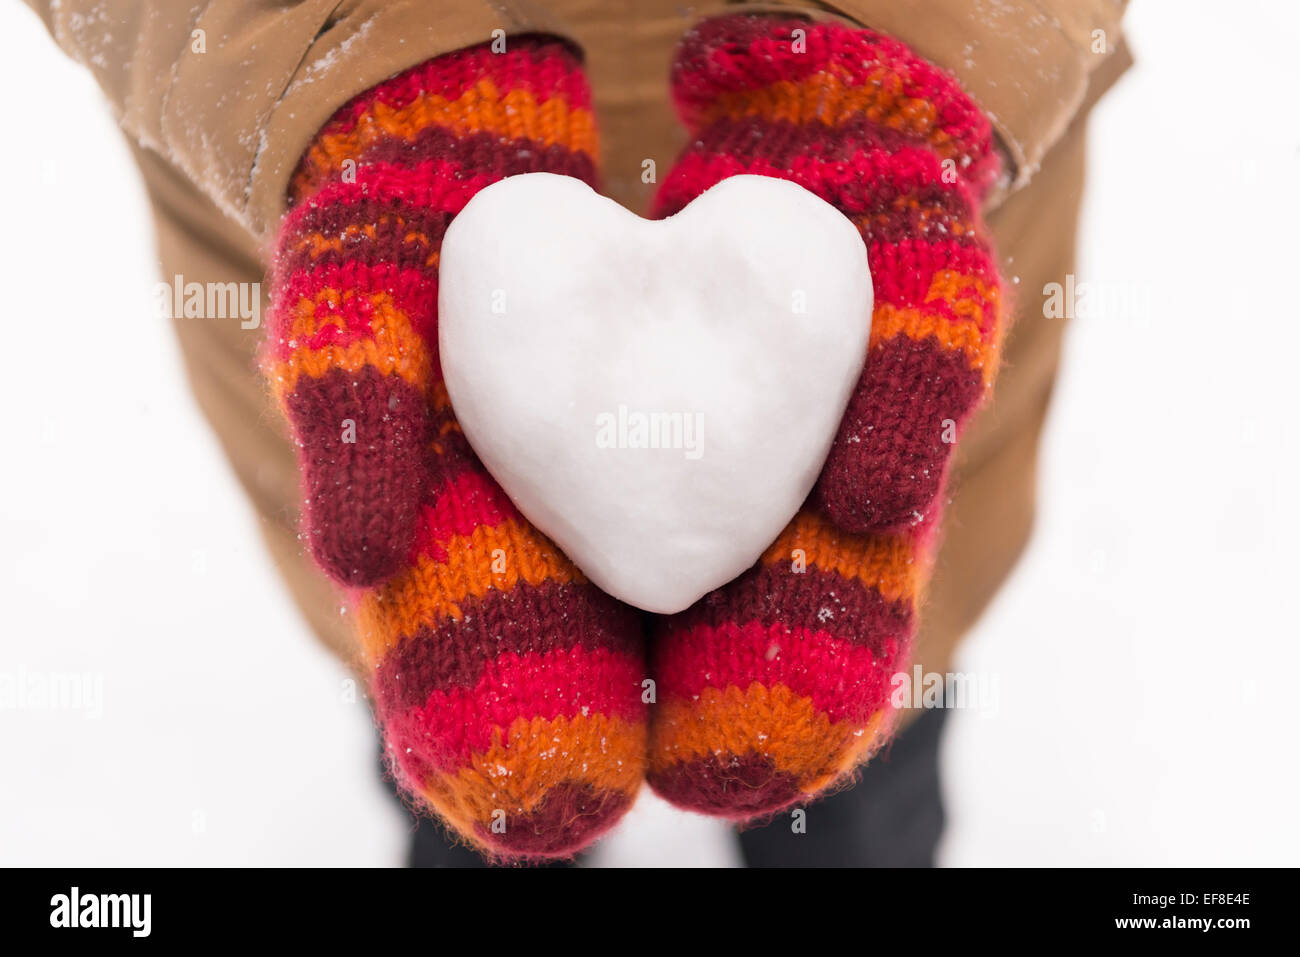 Mujer en rojo mitones sosteniendo un corazón de nieve, el acercamiento de las manos, concepto romántico Imagen De Stock